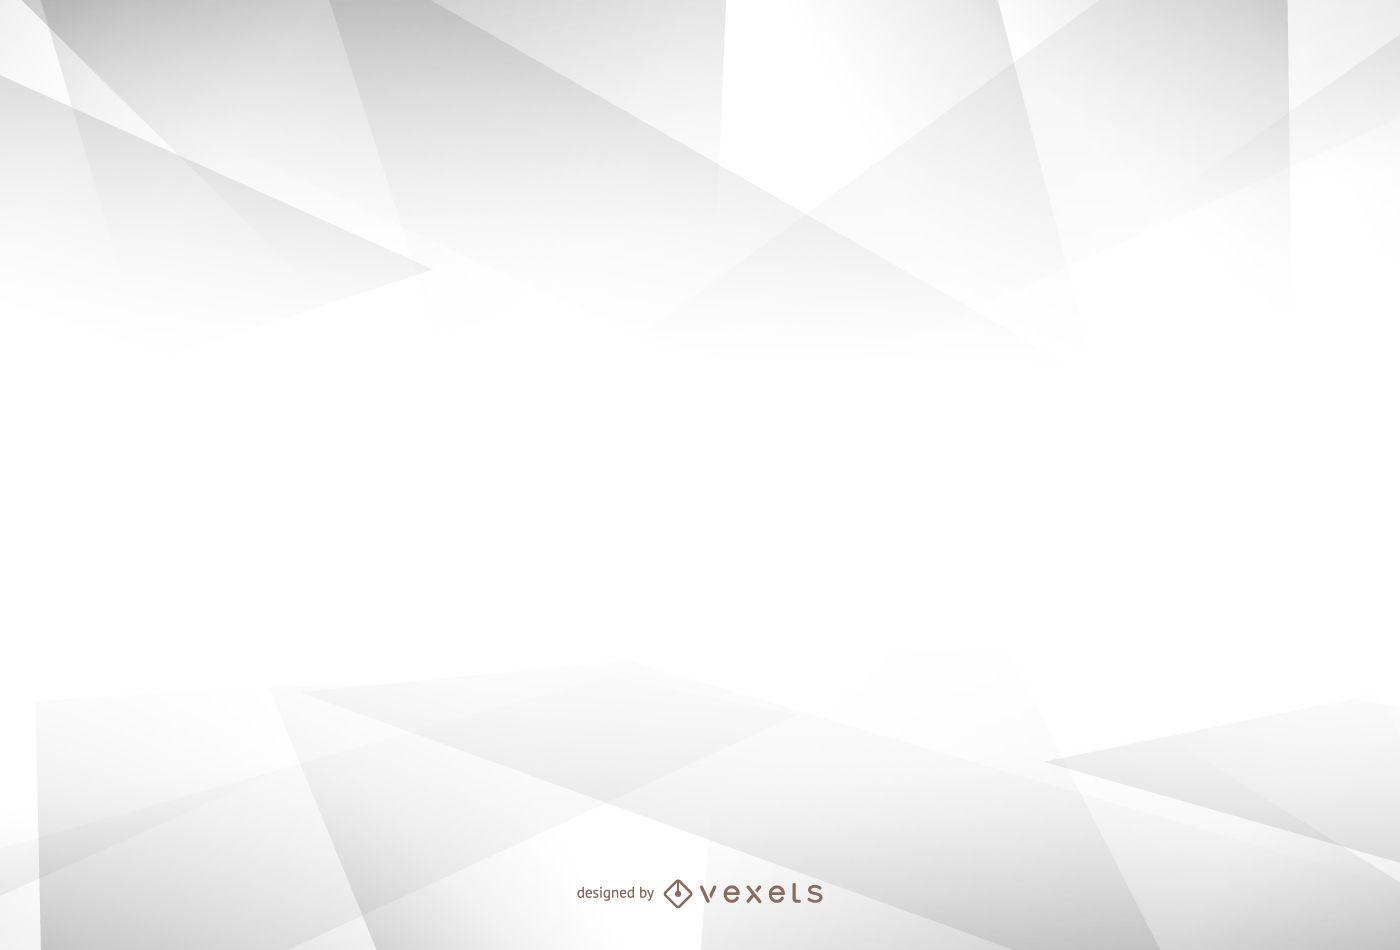 Fondo blanco minimalista abstracto